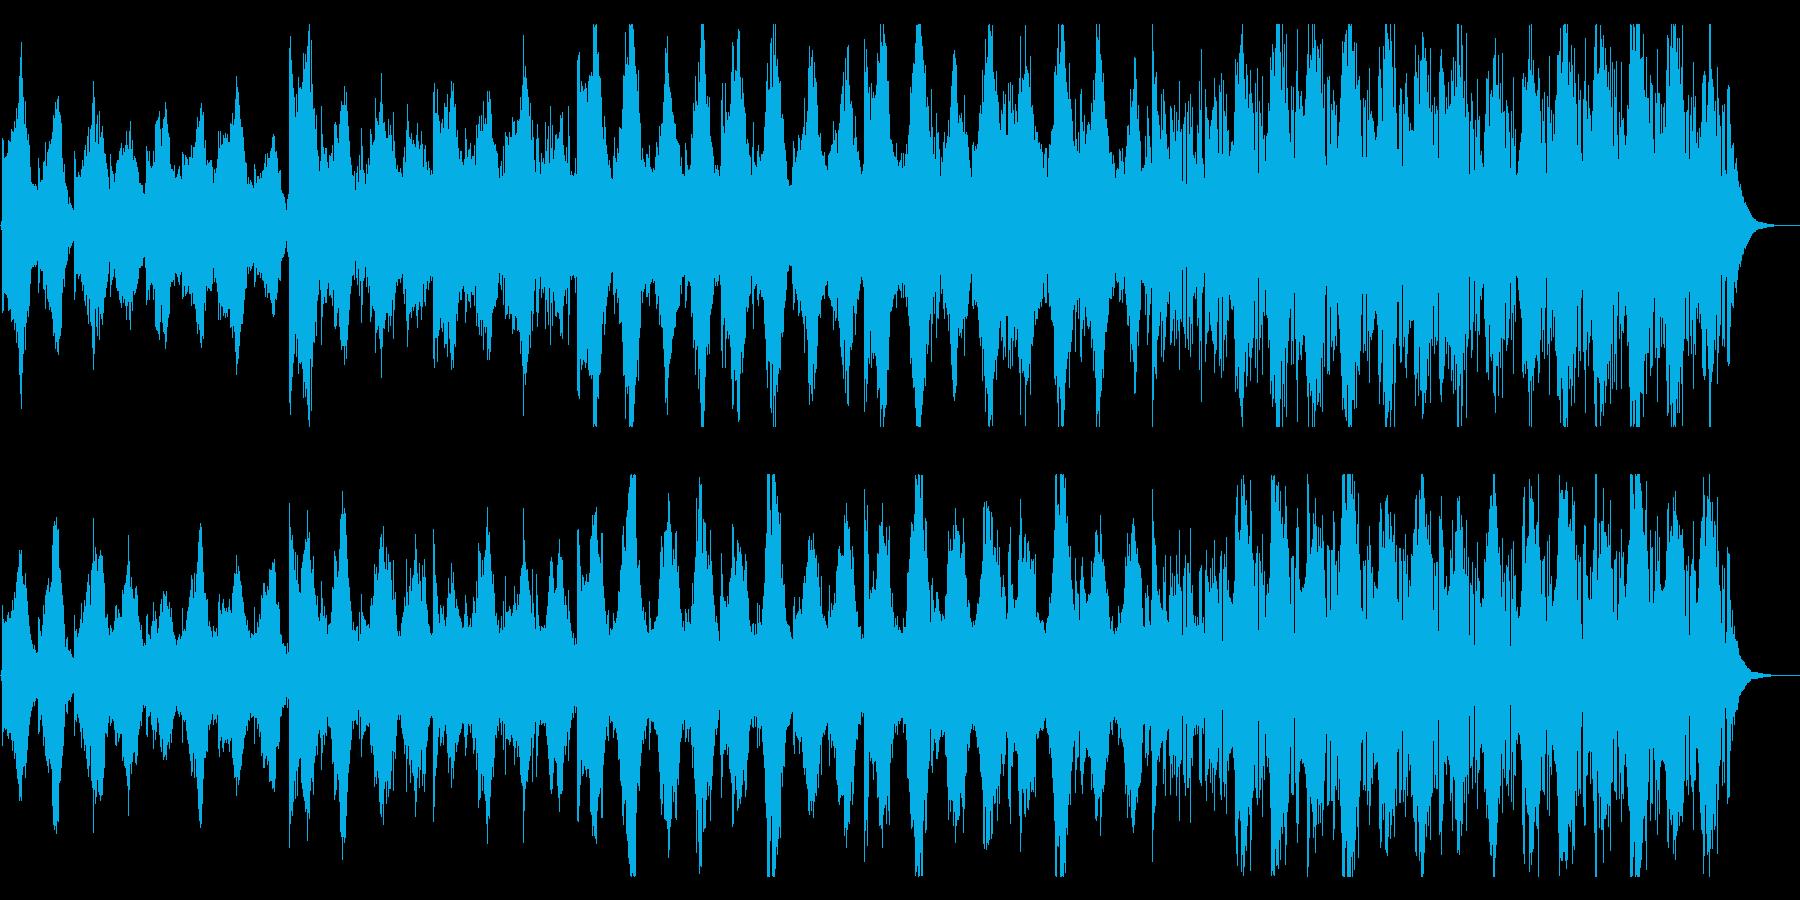 陰鬱なストリングスとエレクトロニクスの融の再生済みの波形